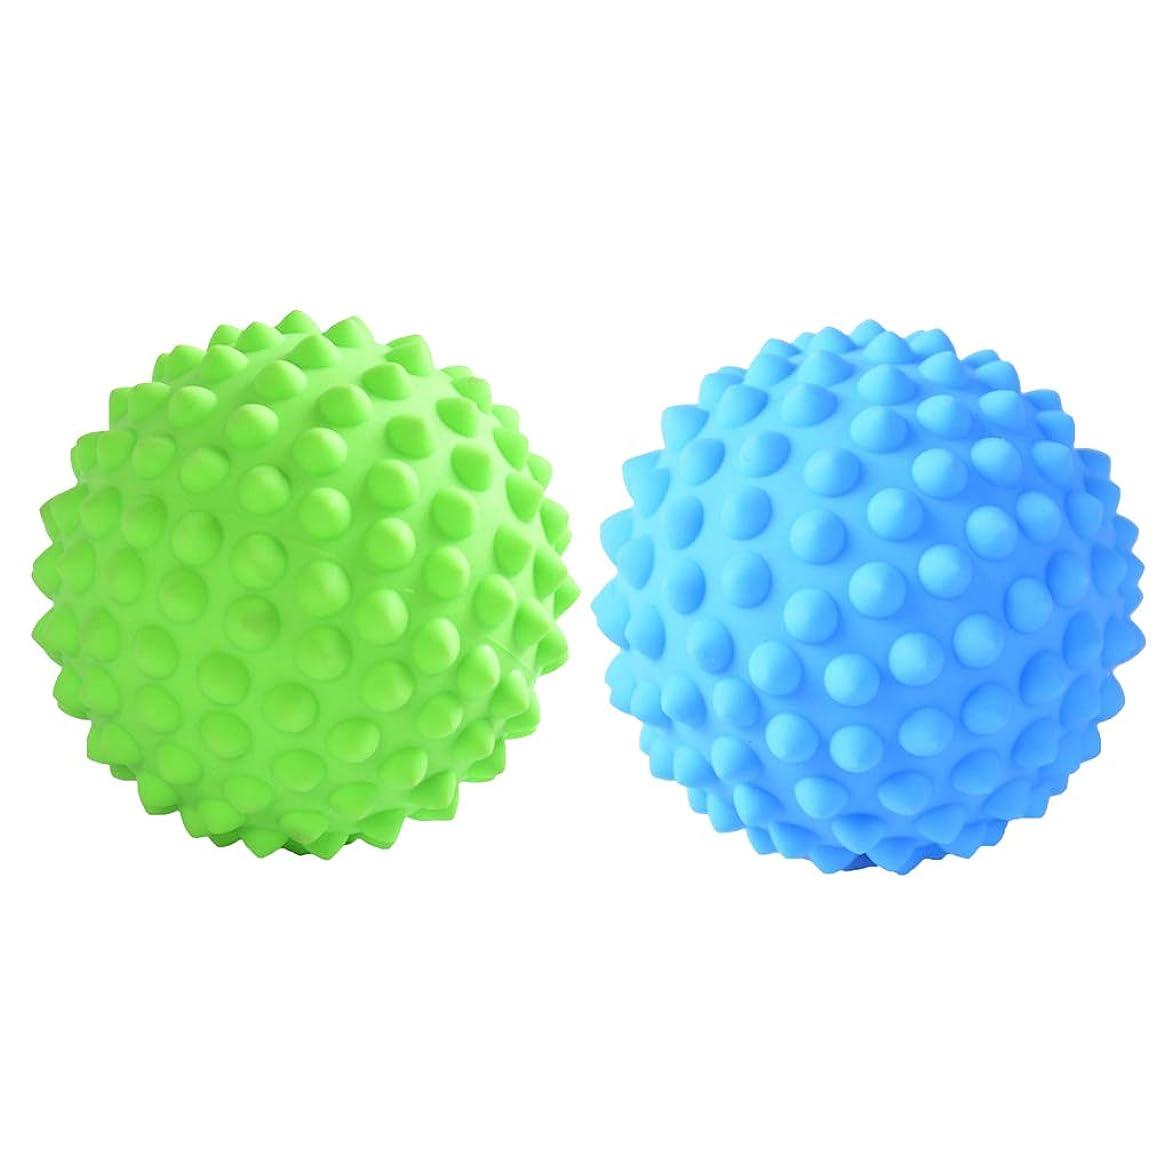 羽原因爆発するCUTICATE マッサージローラーボール 指圧ボール PVC トリガーポイント 筋膜 疲労軽減 健康的 2個入